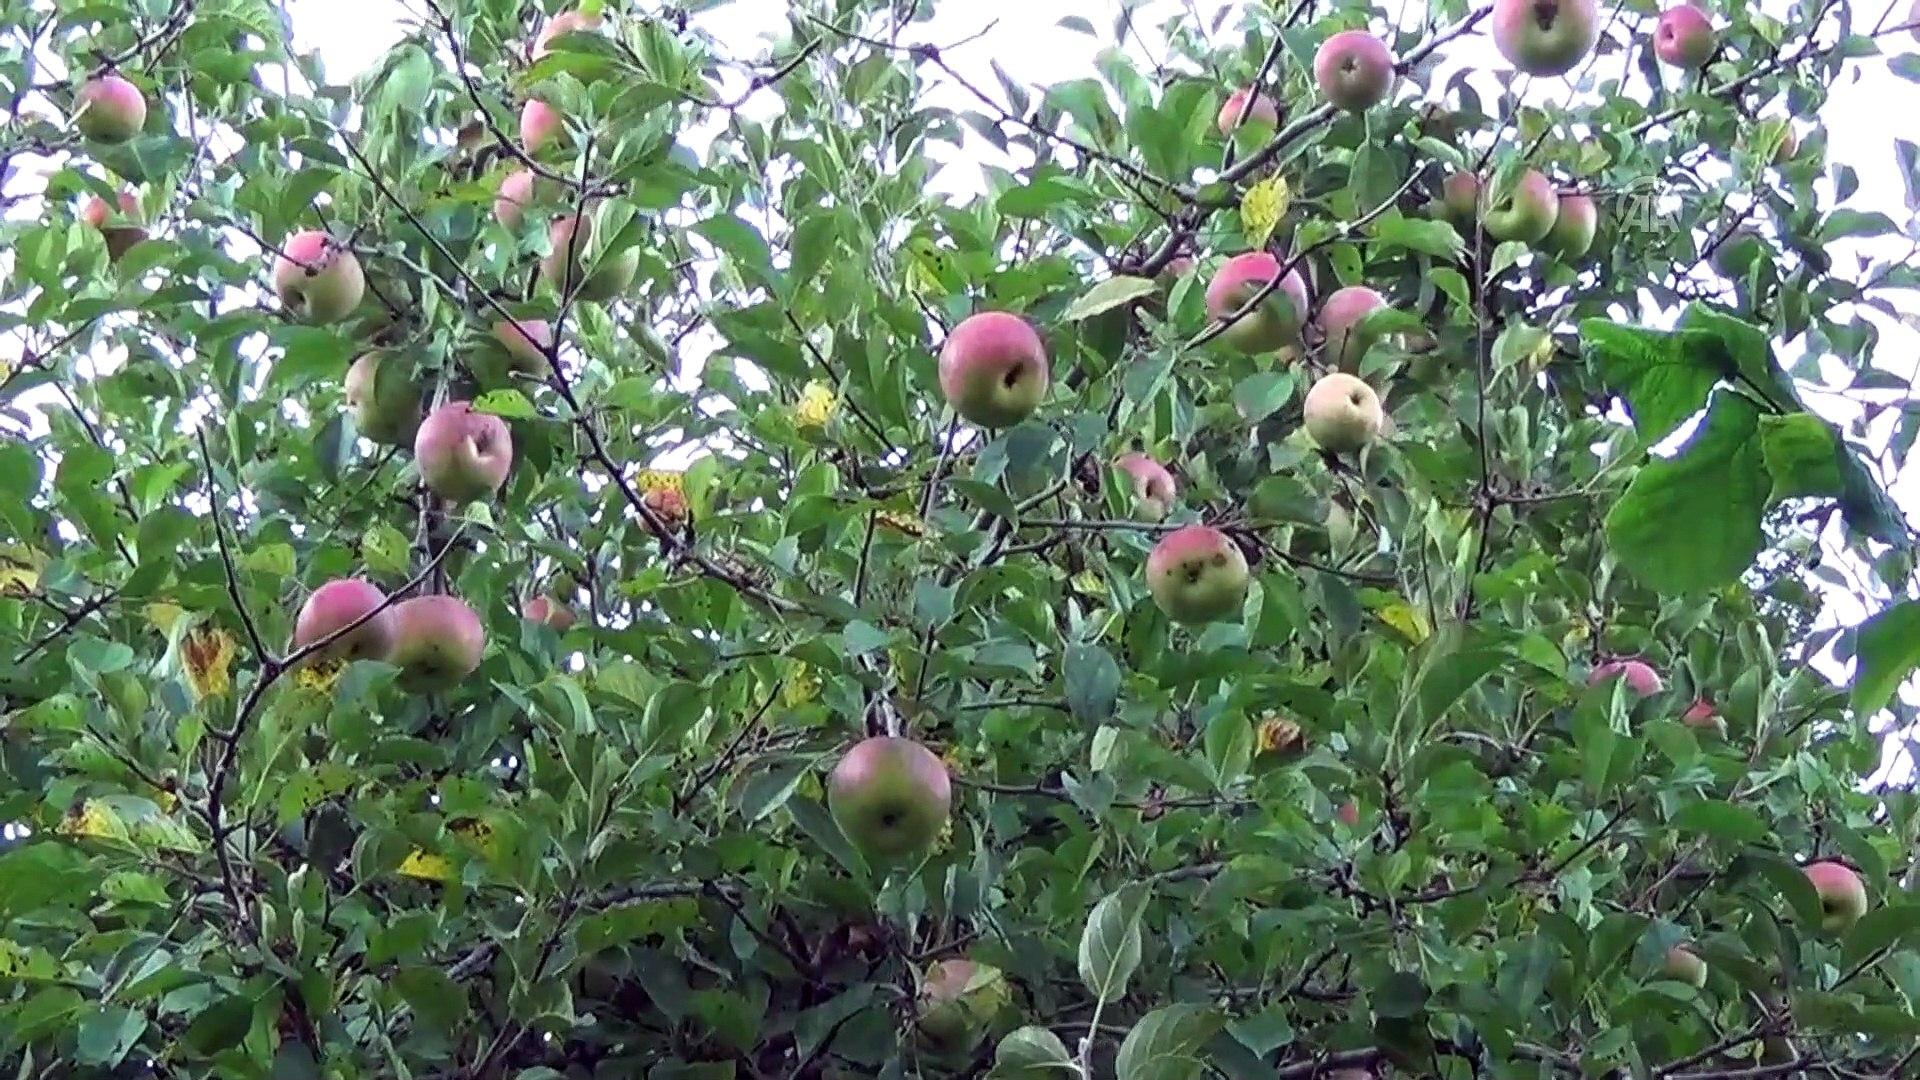 Yeni keşfedilen elma 'Ertuğrul Gazi' ismiyle tescil edilecek - ZONGULDAK